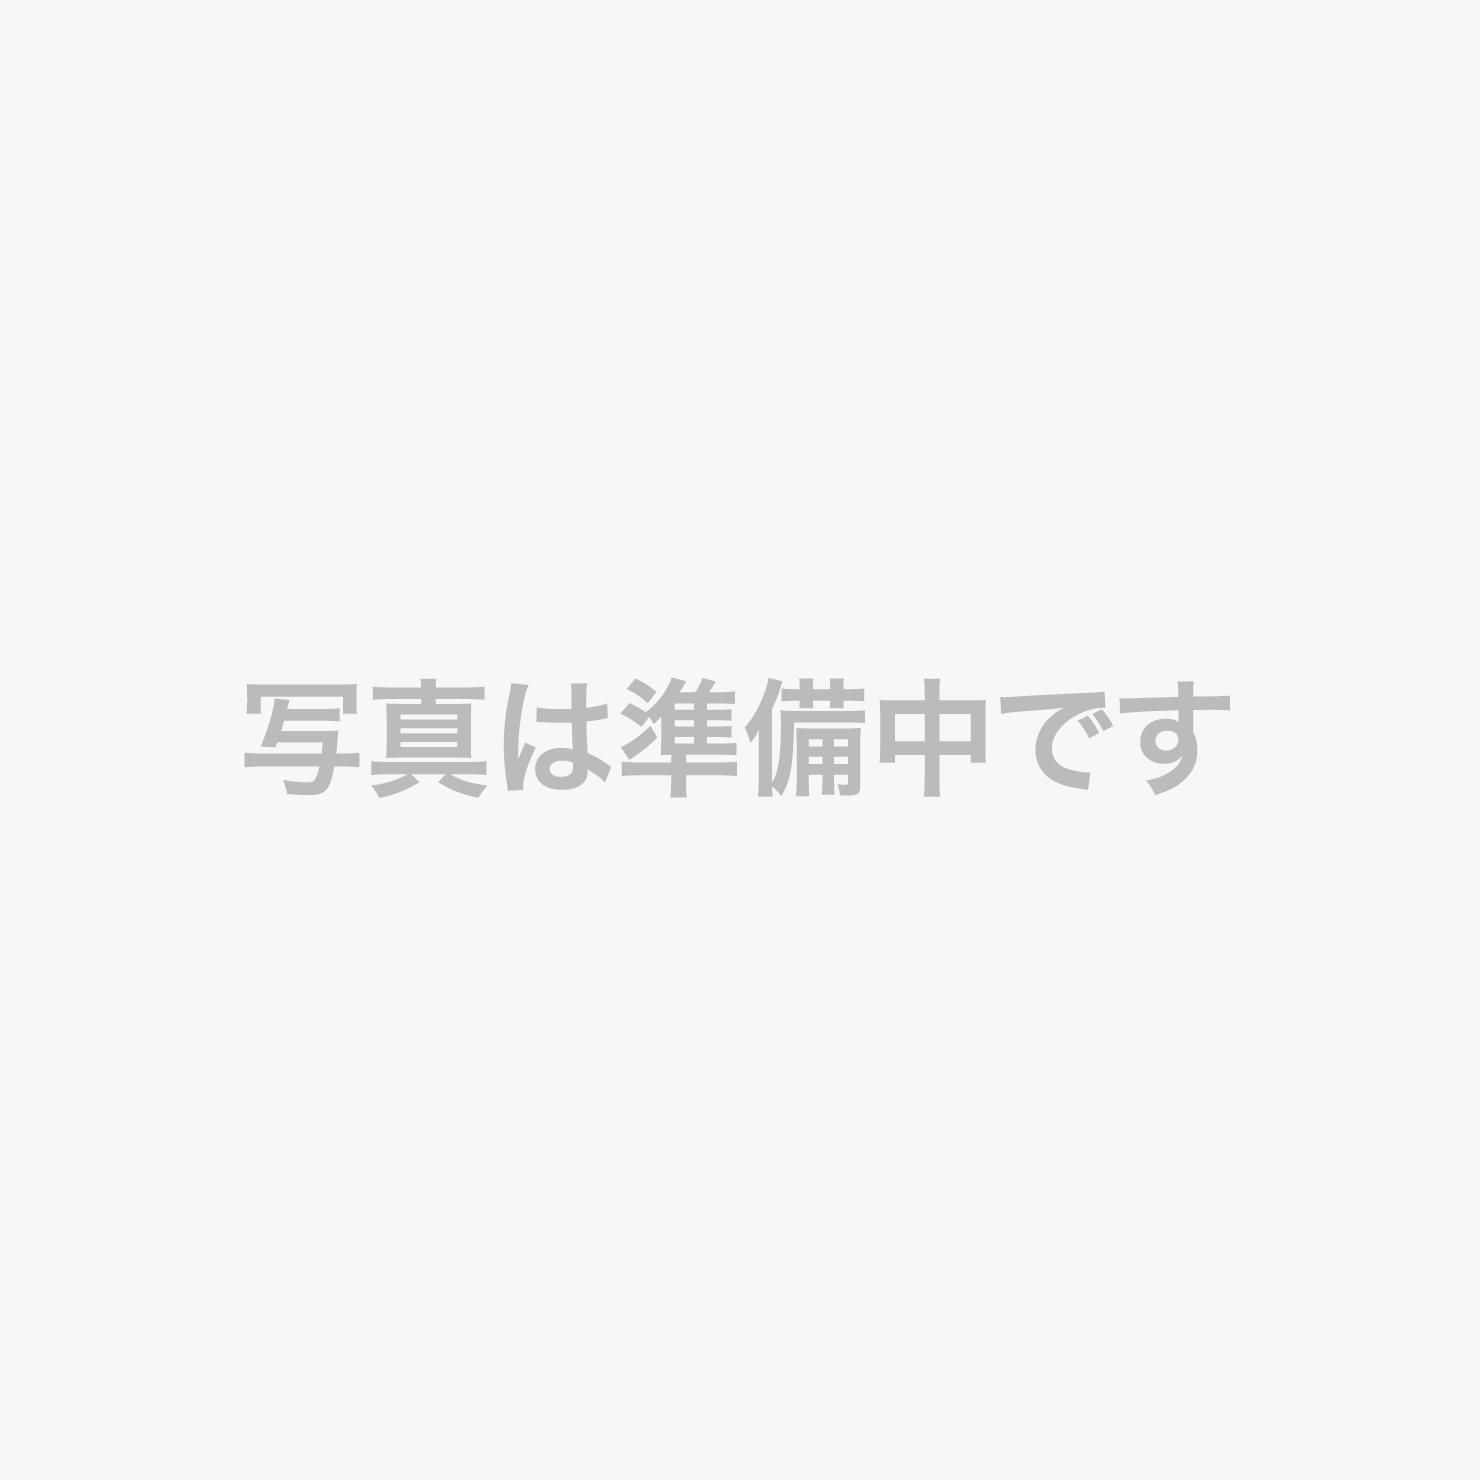 バスルーム(ワイドシングル/セミダブル/ツイン/ファミリールーム)